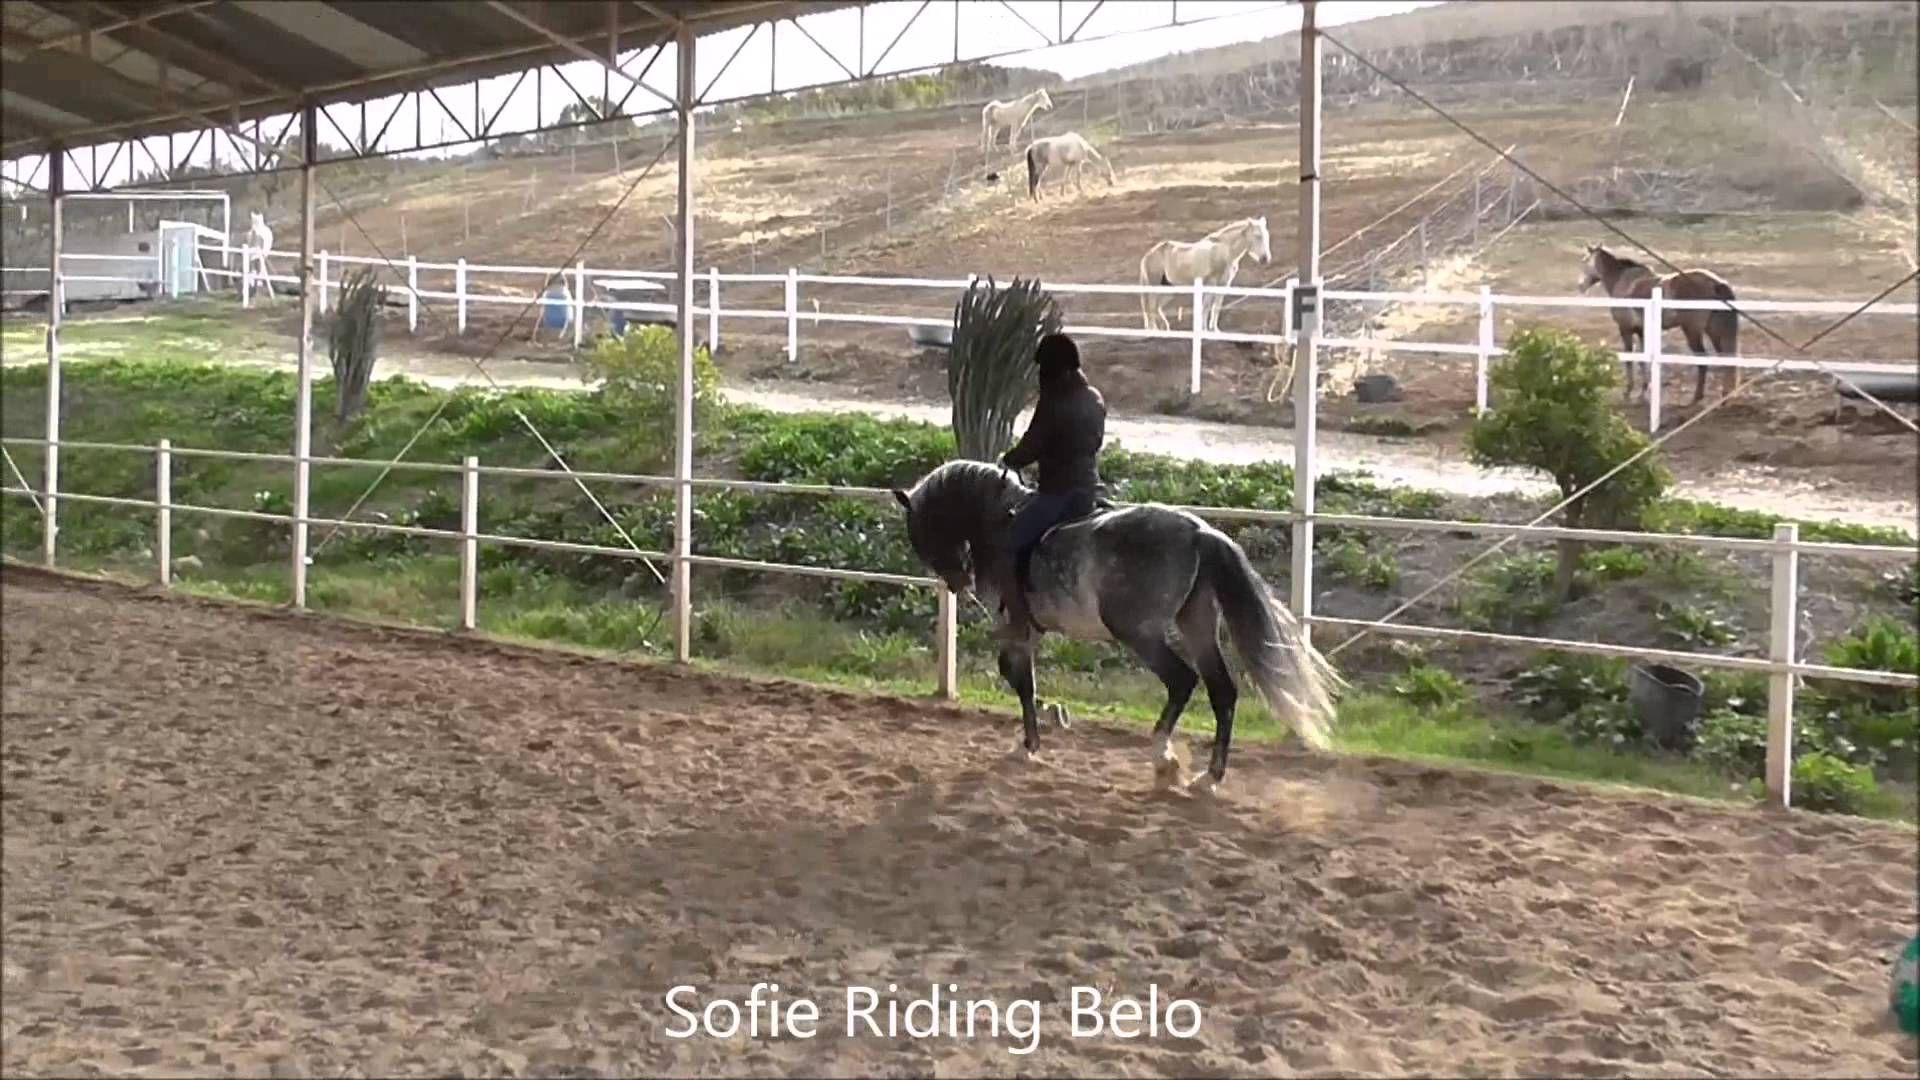 Sofie riding Belo